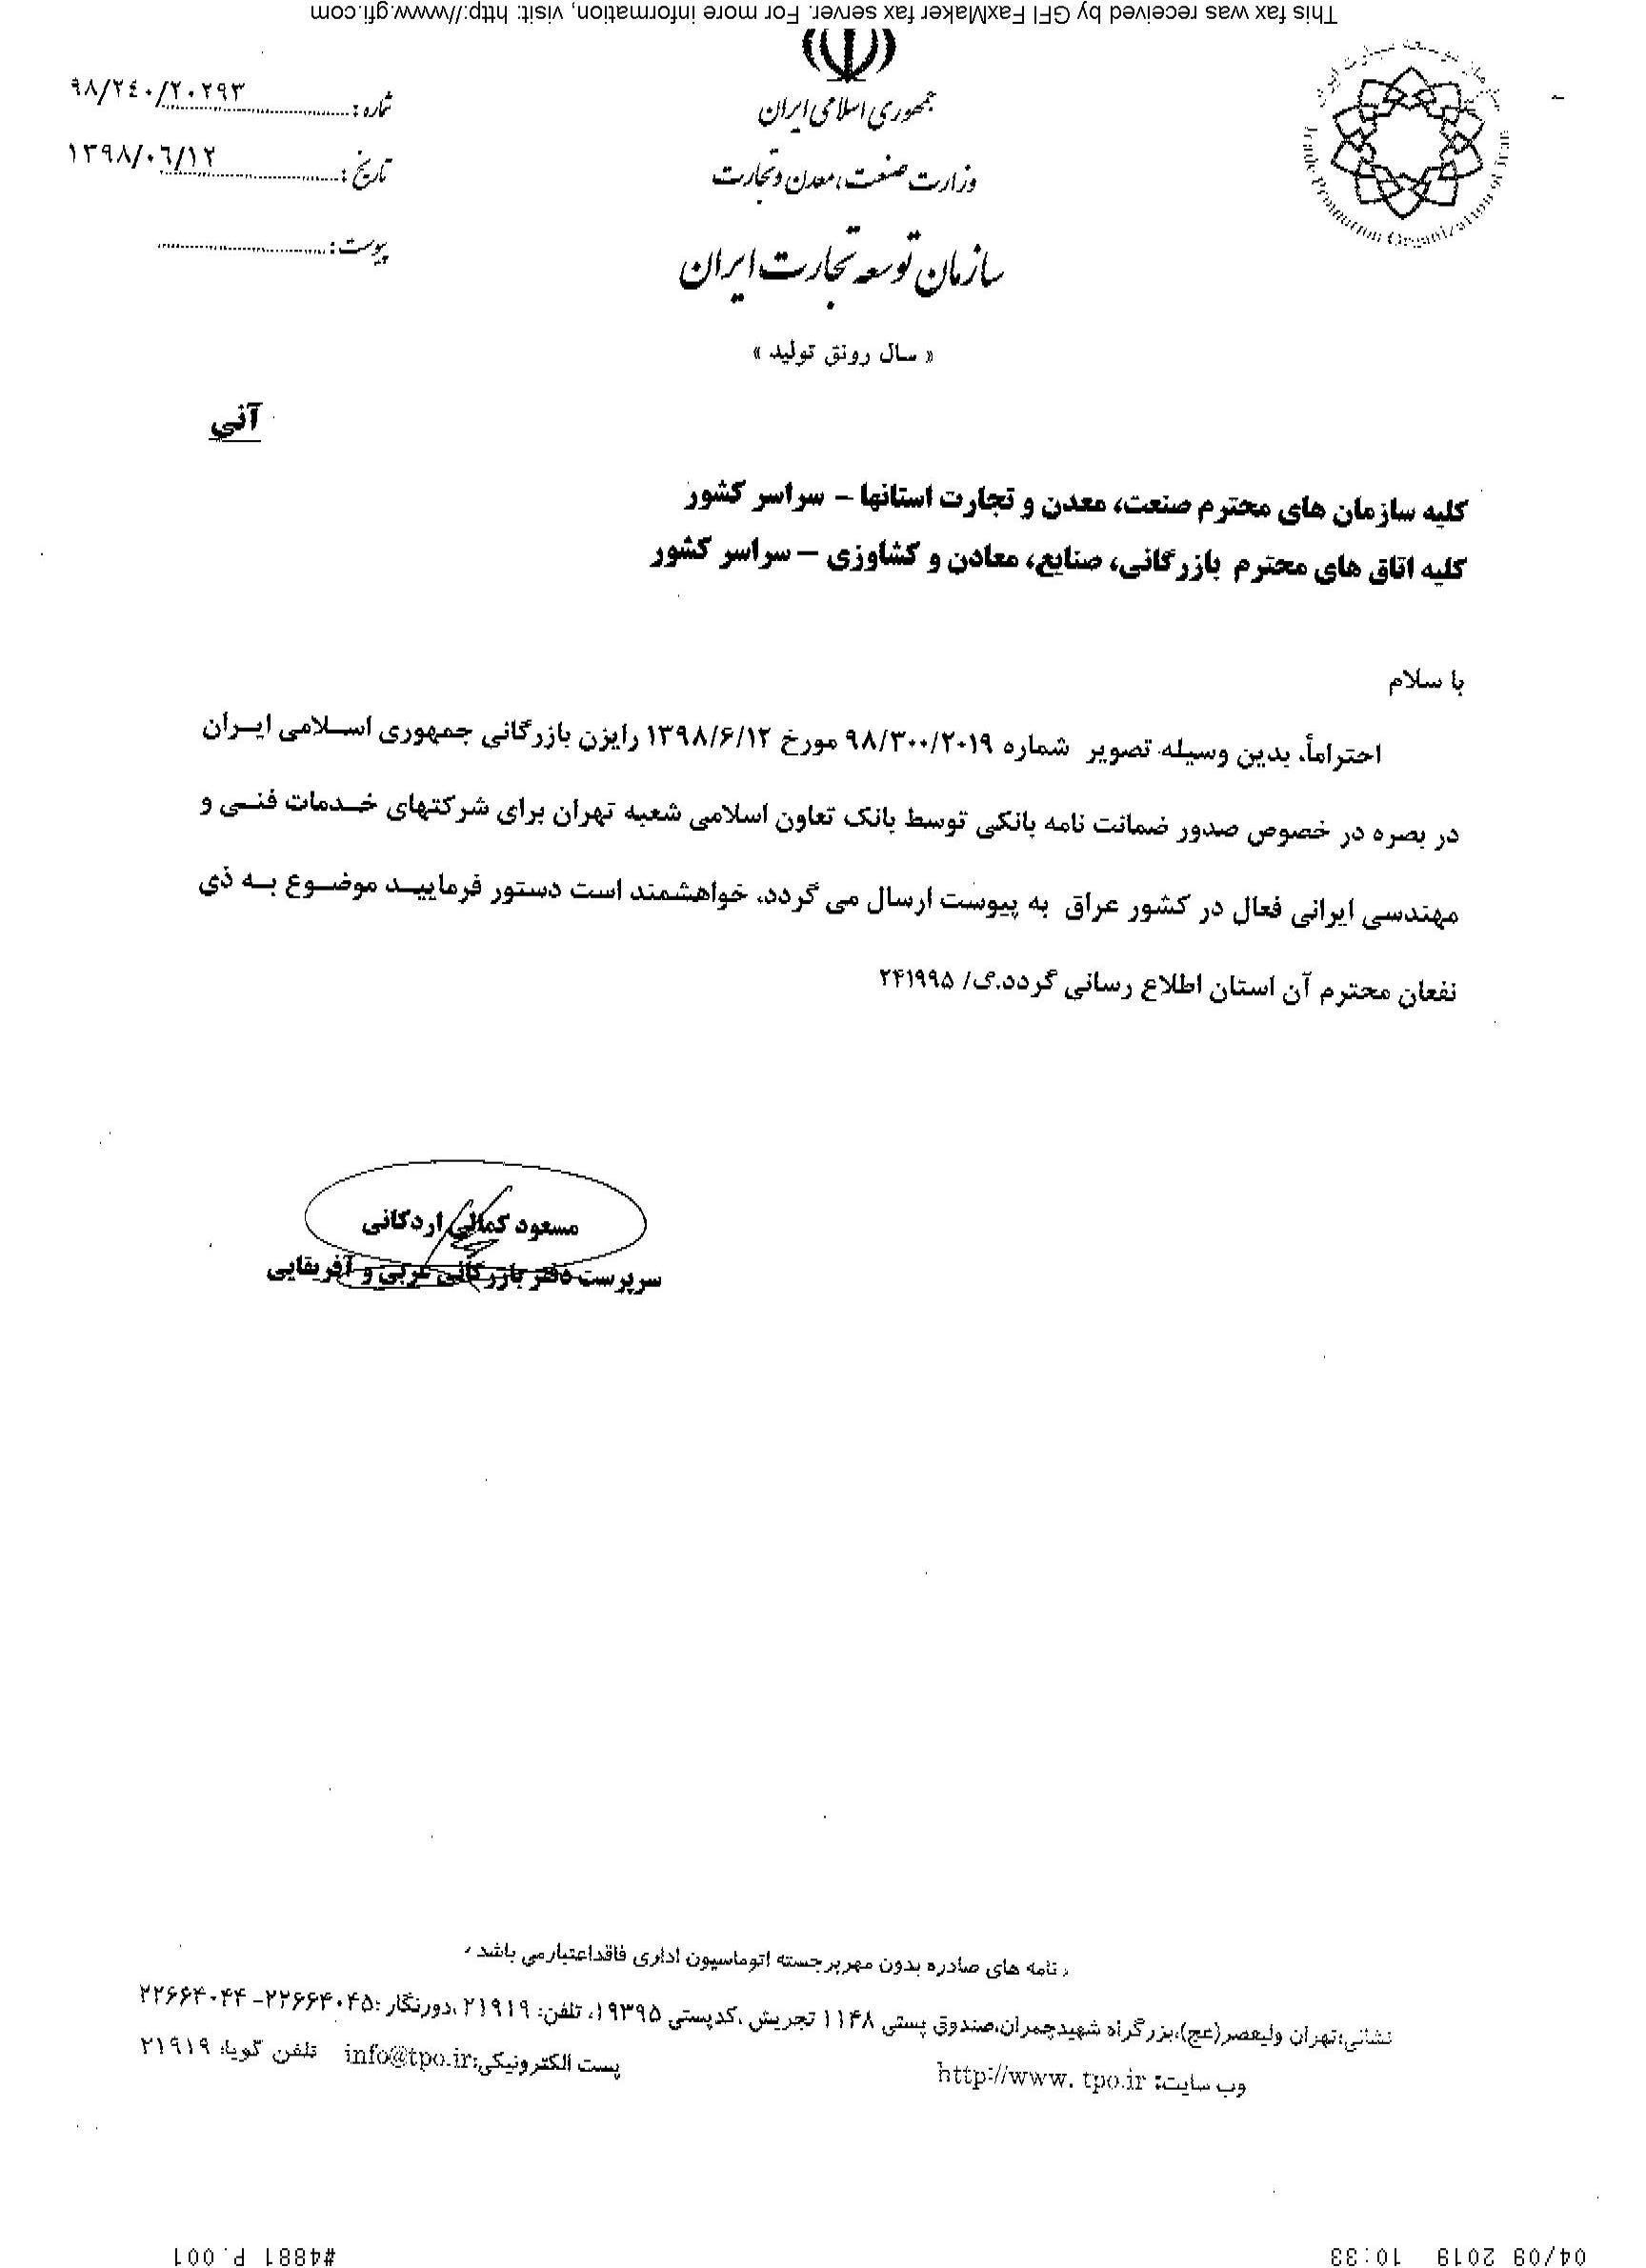 صدور ضمانت نامه بانکی توسط بانک تعاون برای شرکت های خدمات فنی و مهندسی ایرانی فعال در کشور عراق